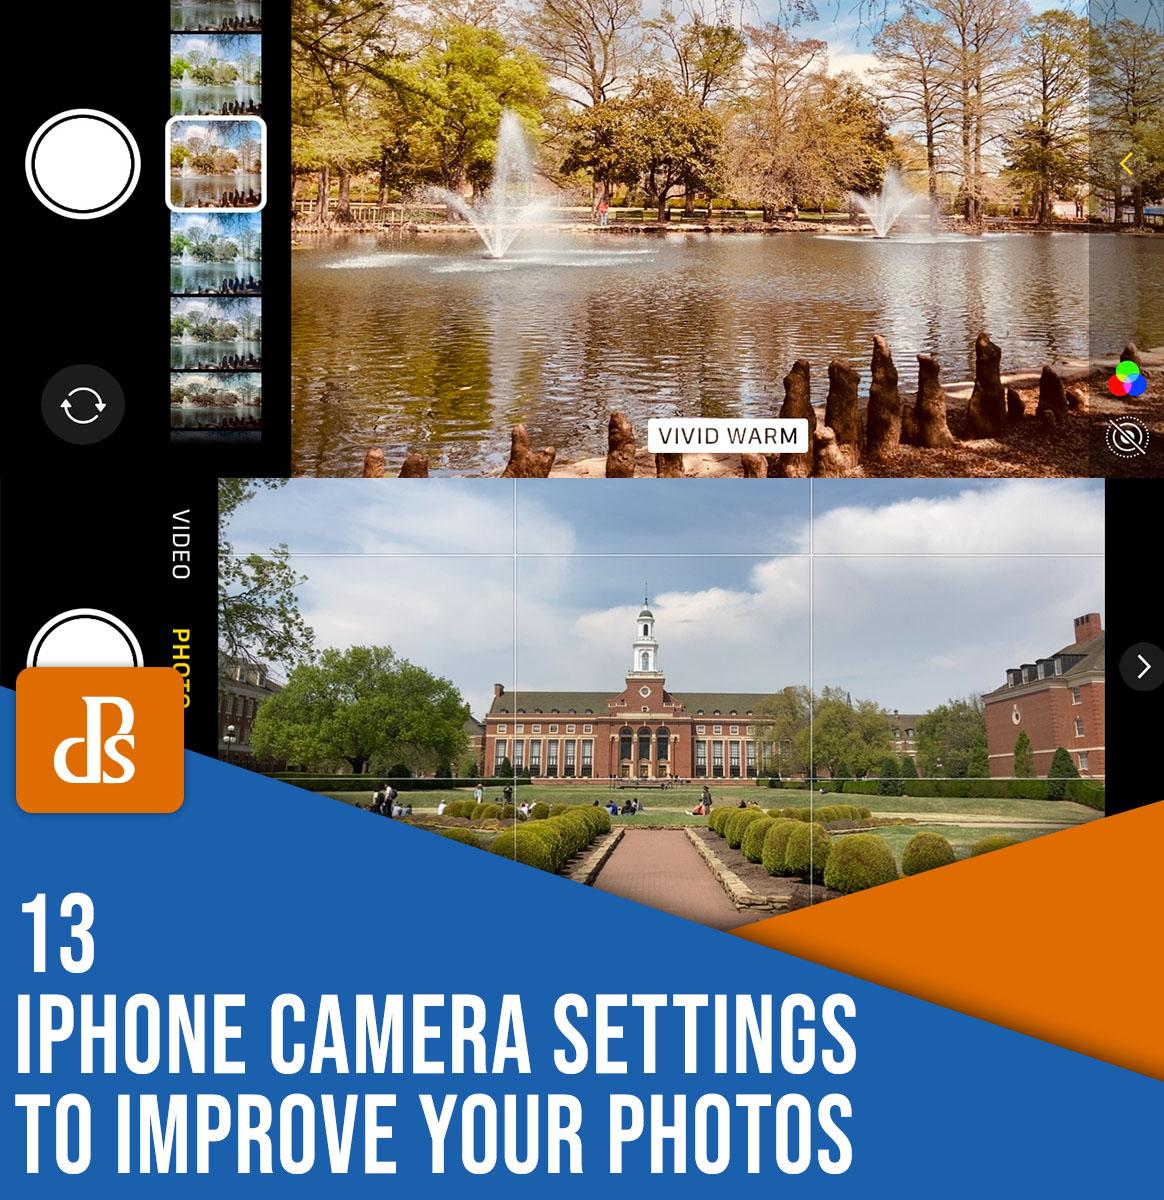 13 configurações de câmera do iphone para aprimorar suas fotos